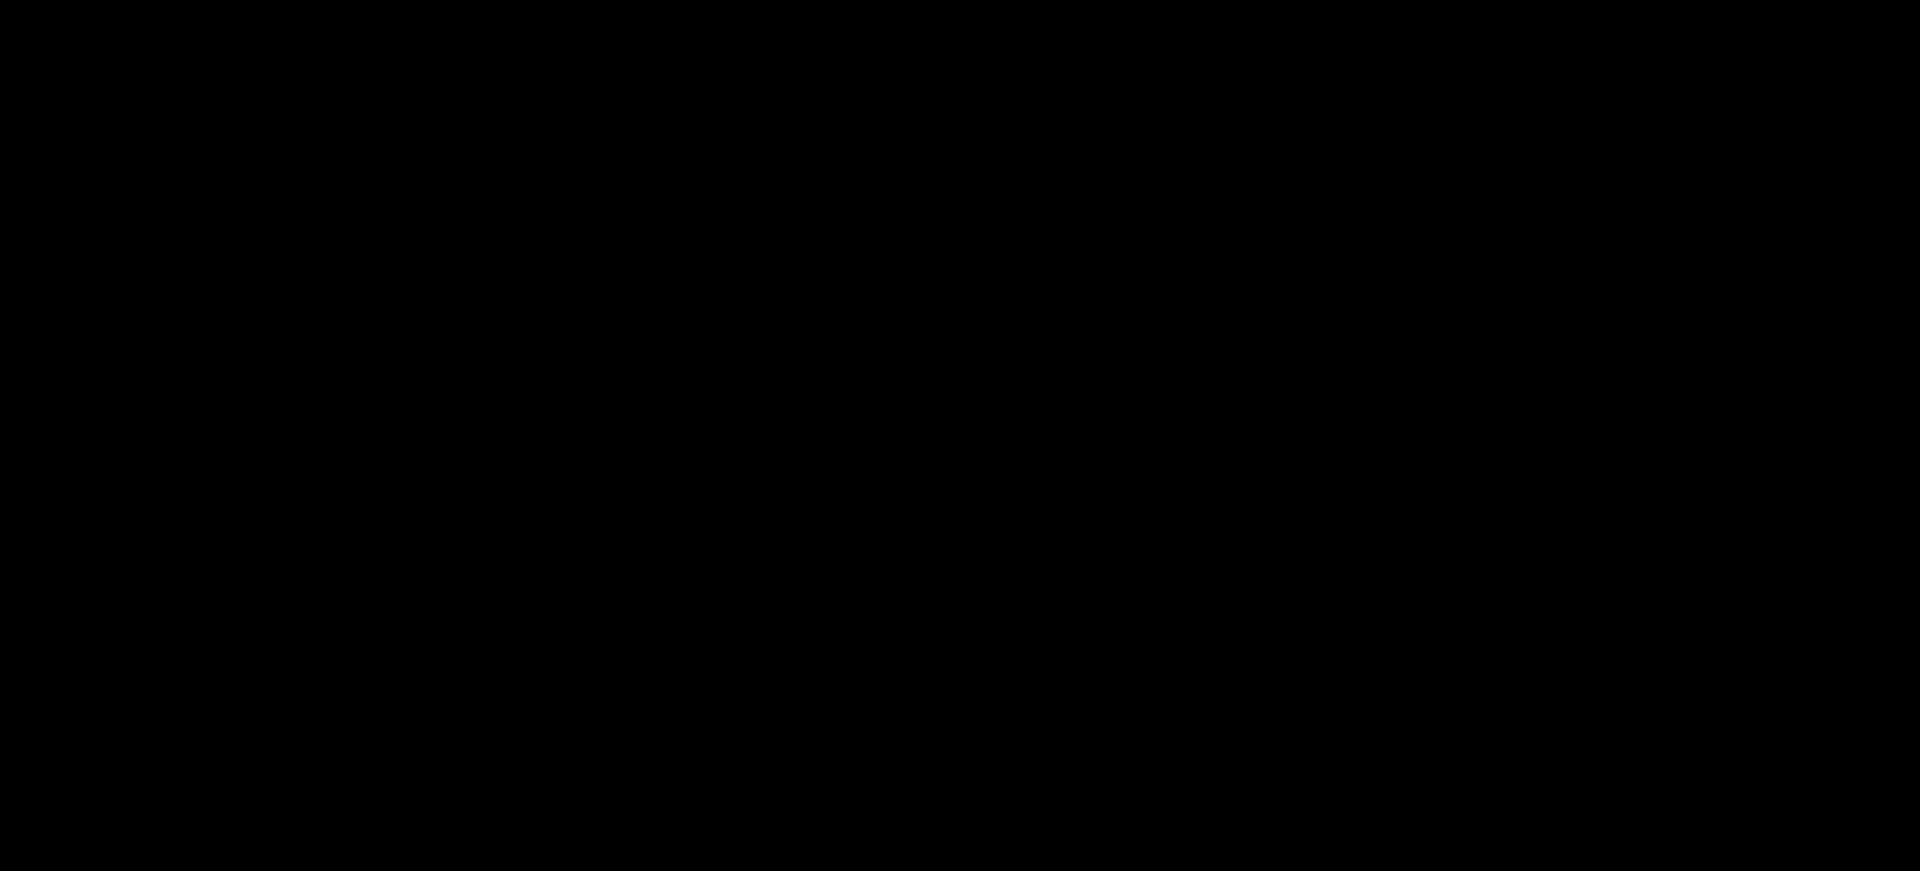 Einwilligung Mitarbeiterfotos DSGVO Muster